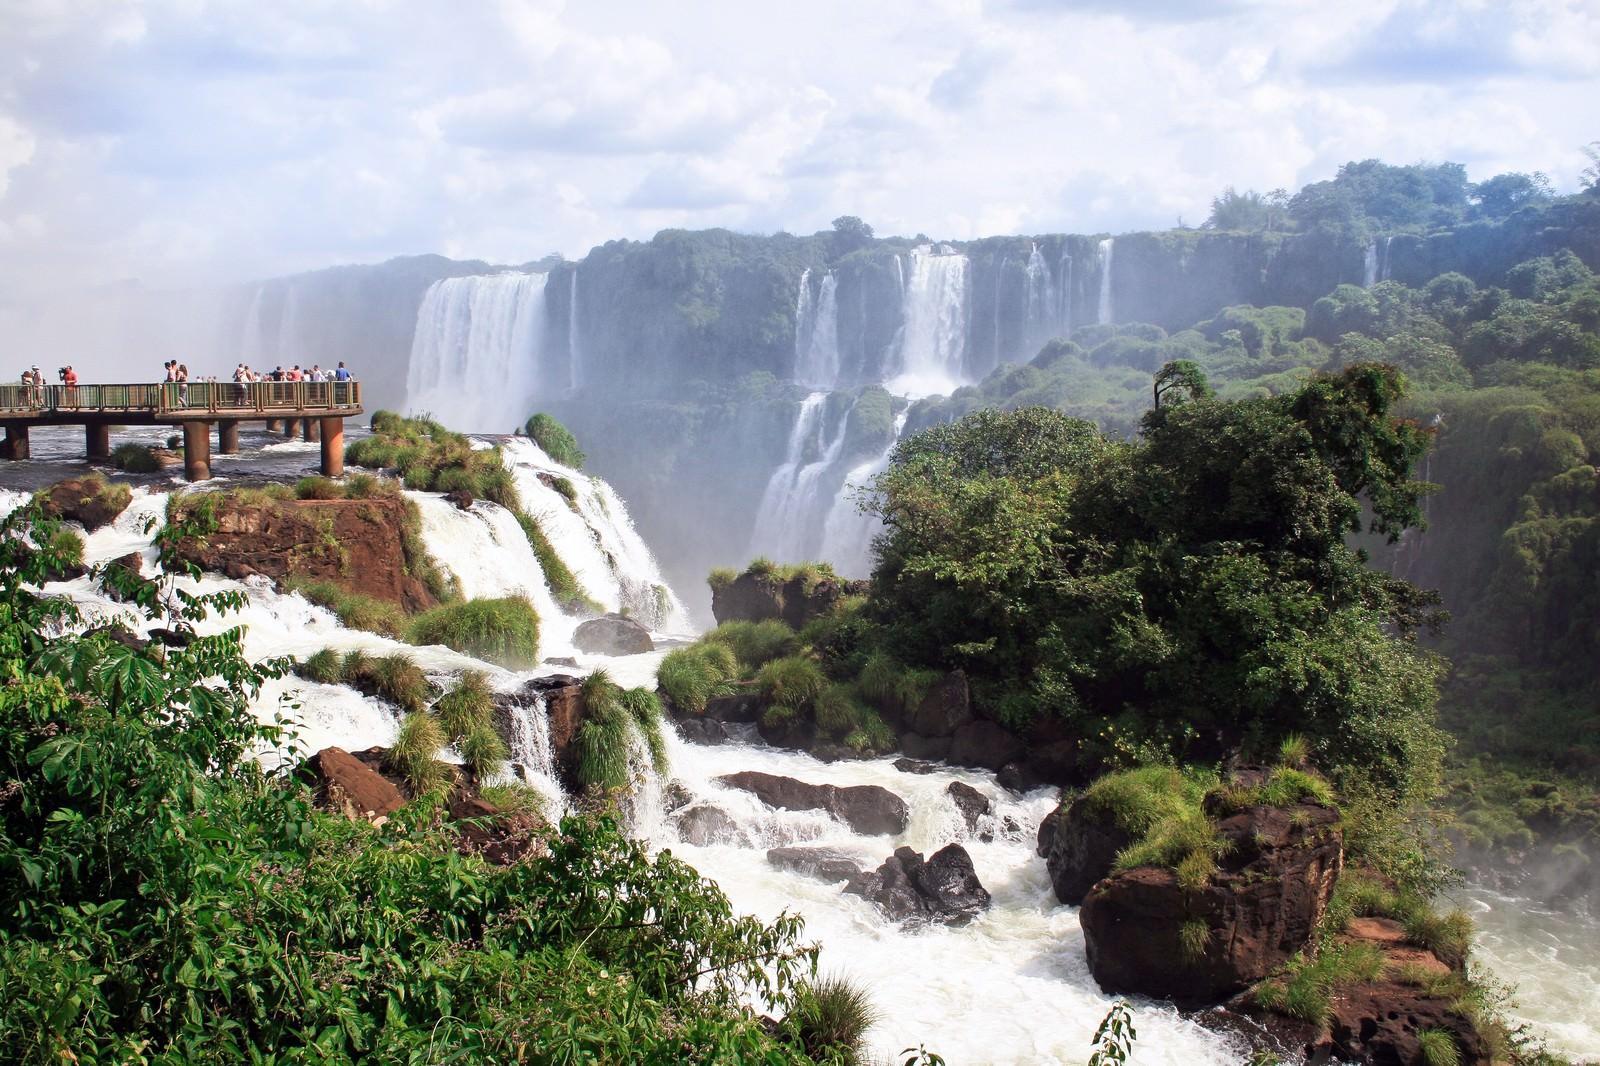 「イグアスの滝と観光客イグアスの滝と観光客」のフリー写真素材を拡大